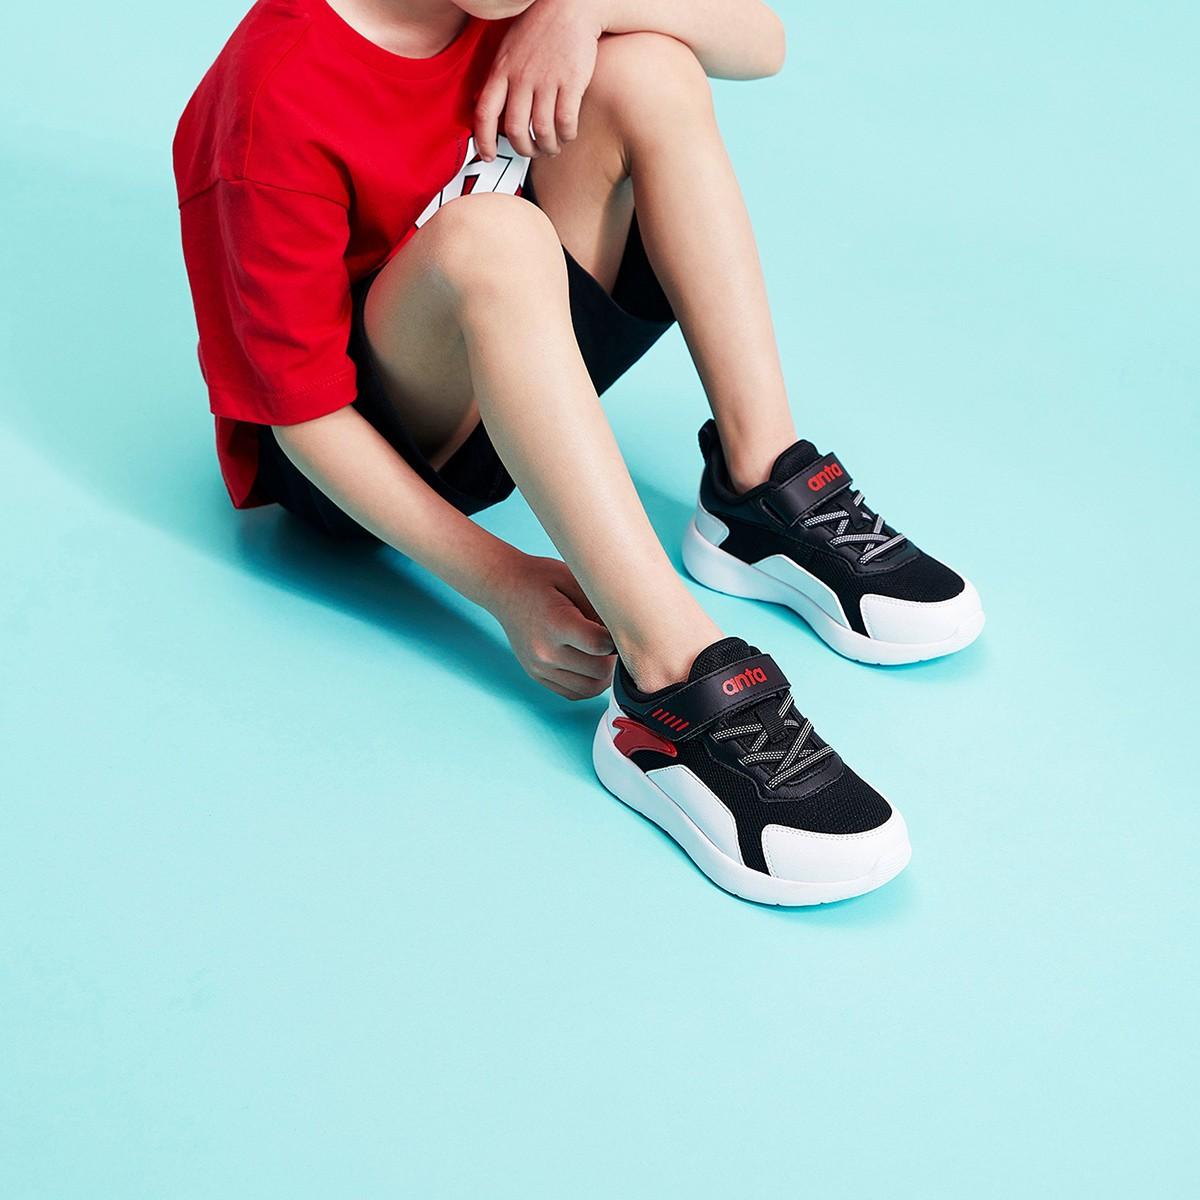 69元 ANTA 安踏 儿童运动跑鞋